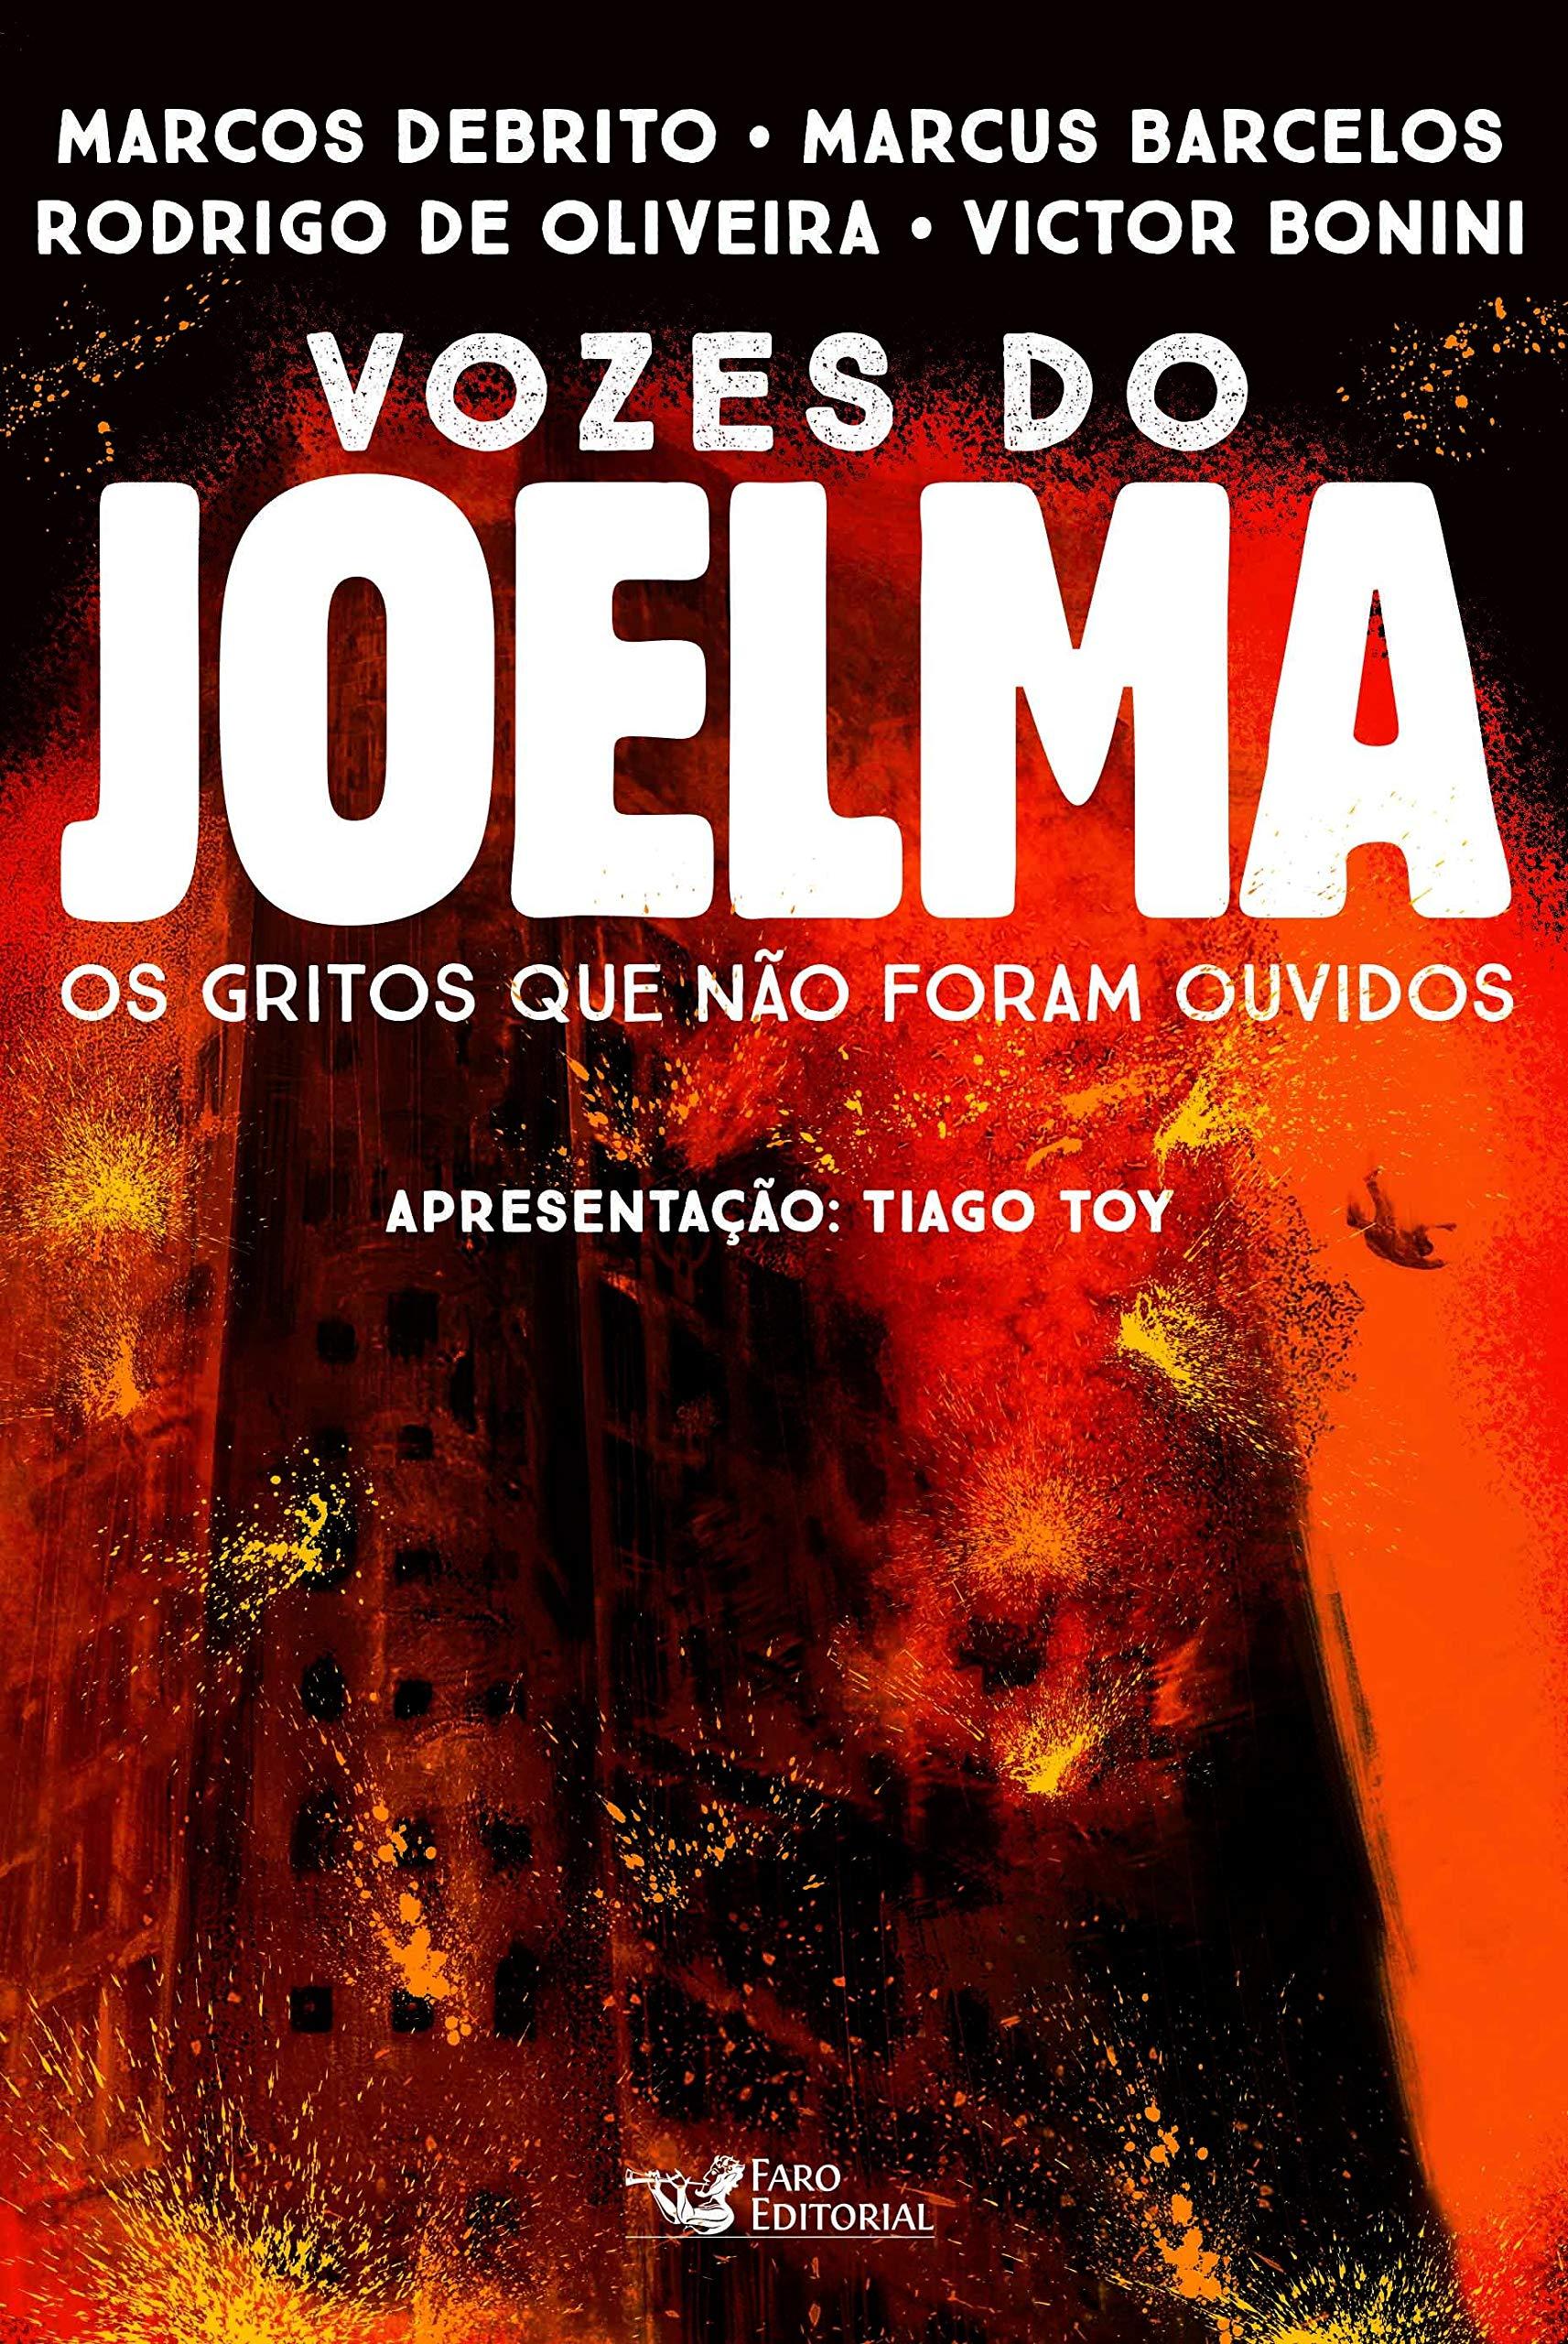 Vozes do Joelma: Os gritos que não foram ouvidos | Amazon.com.br